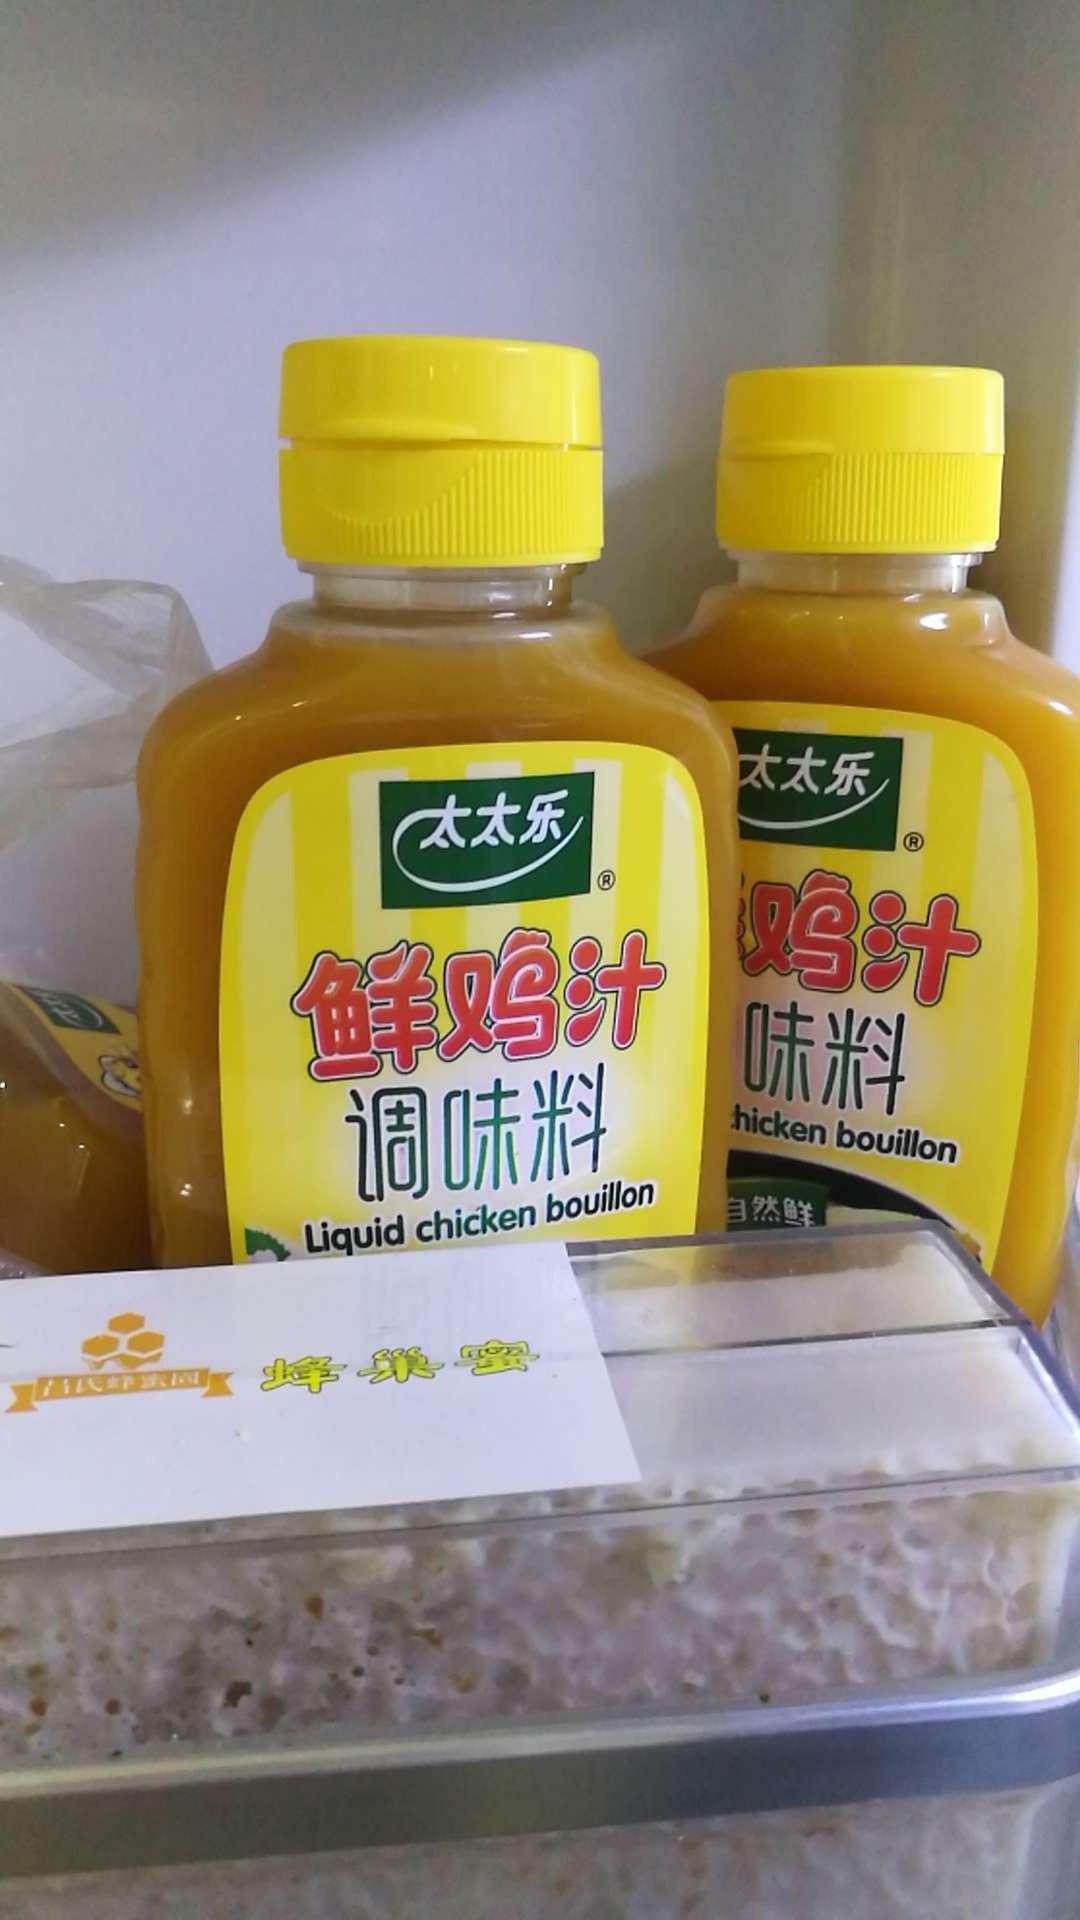 womens air max thea flash lime/white 00284012 bags